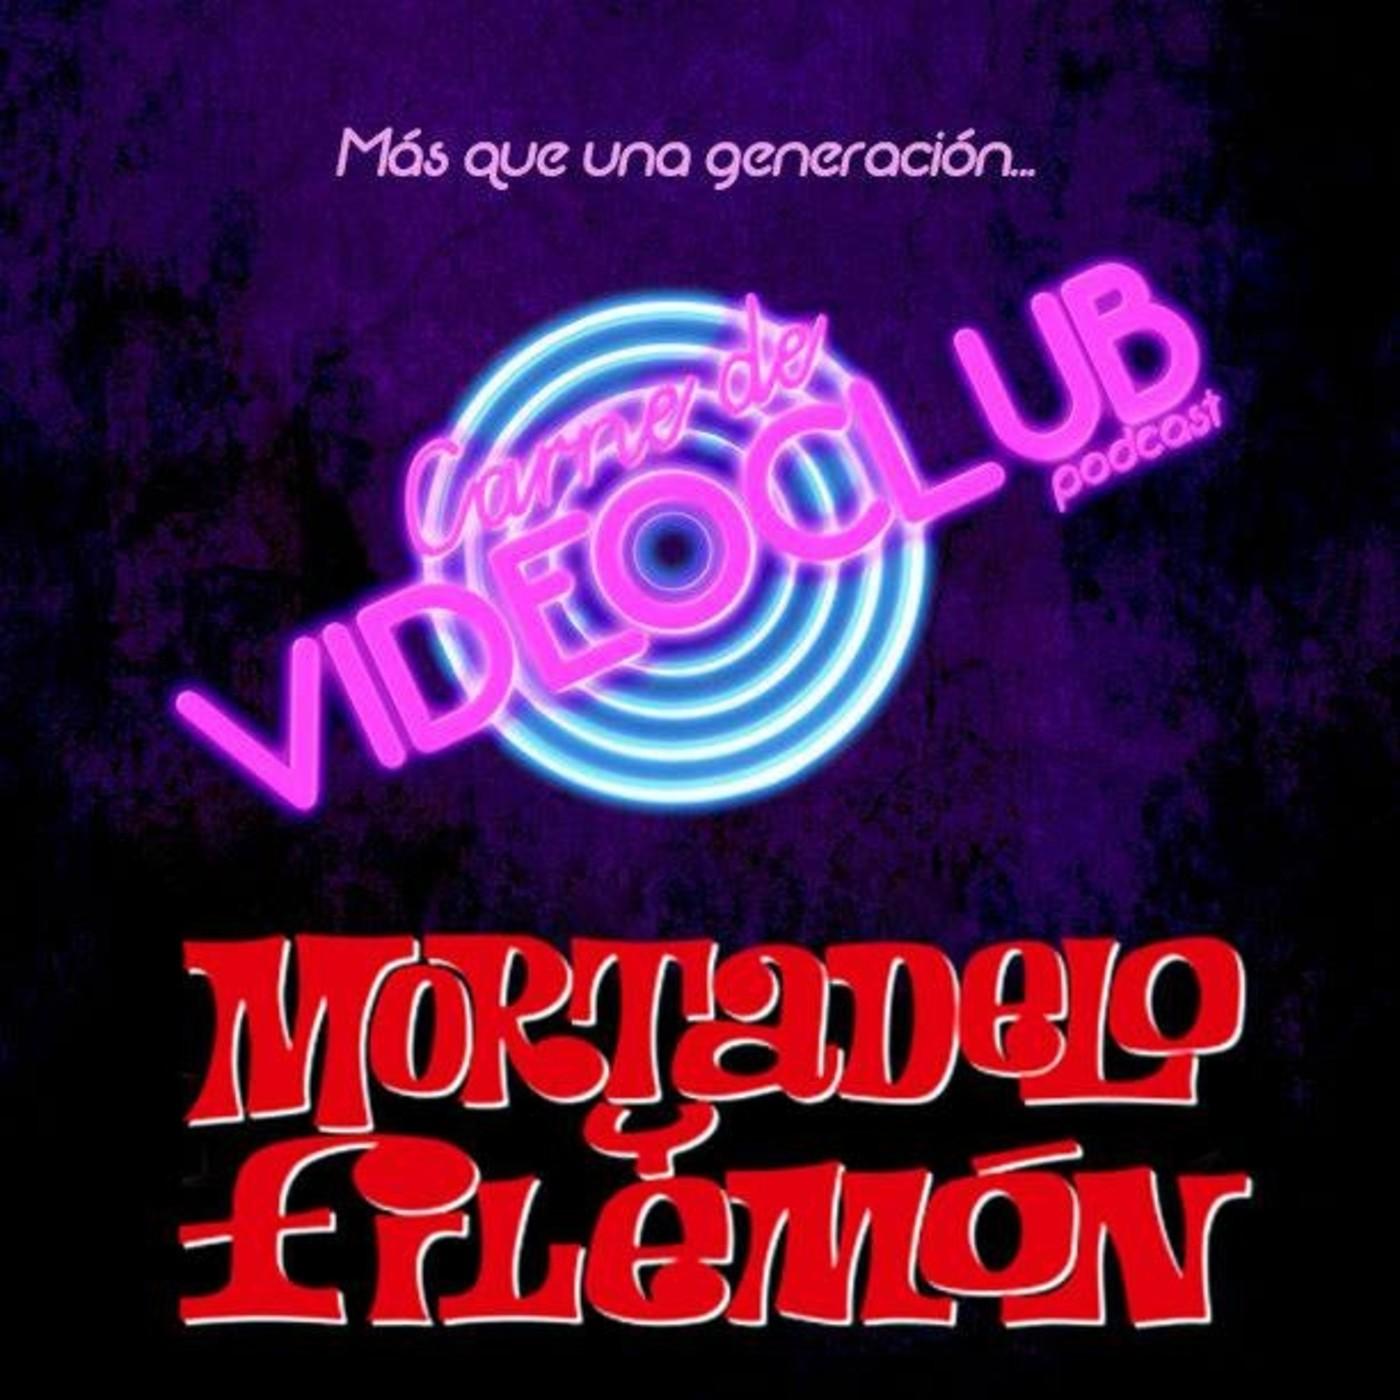 Carne de Videoclub - Episodio 107 - Festival Mortadelo y Filemón (Estudios Vara)